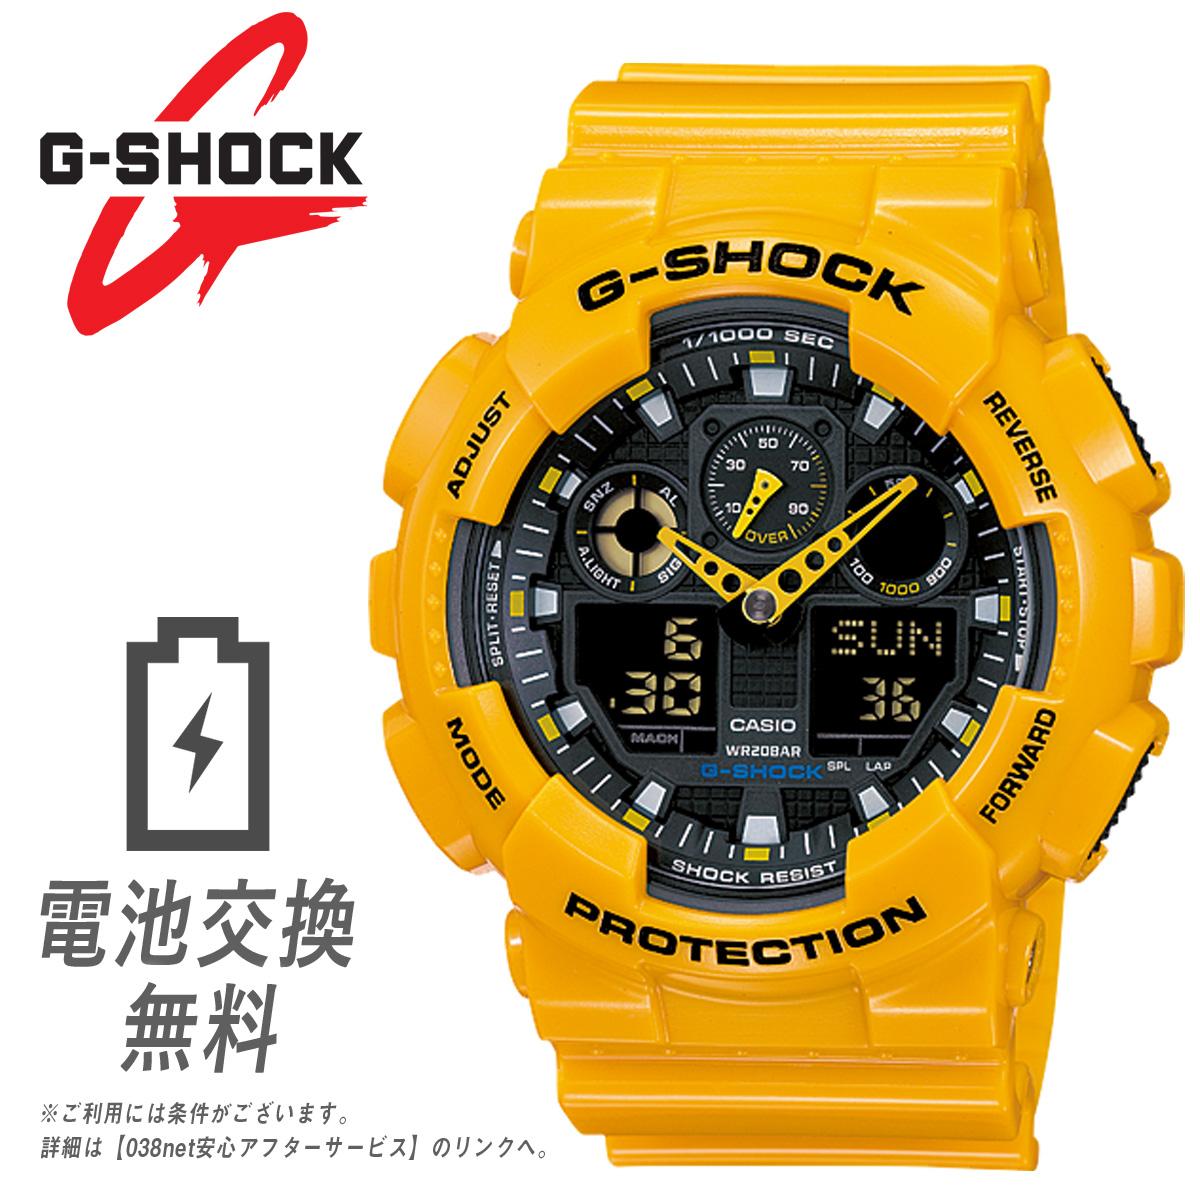 【ラッピング無料】G-SHOCK ジーショック CASIO カシオ メンズ 腕時計 アナログ デジタル イエロー 黄色 GA-100A-9A イエロー 黄色 耐衝撃 20気圧防水 メンズ XL 大きめサイズ キャタピラモデル